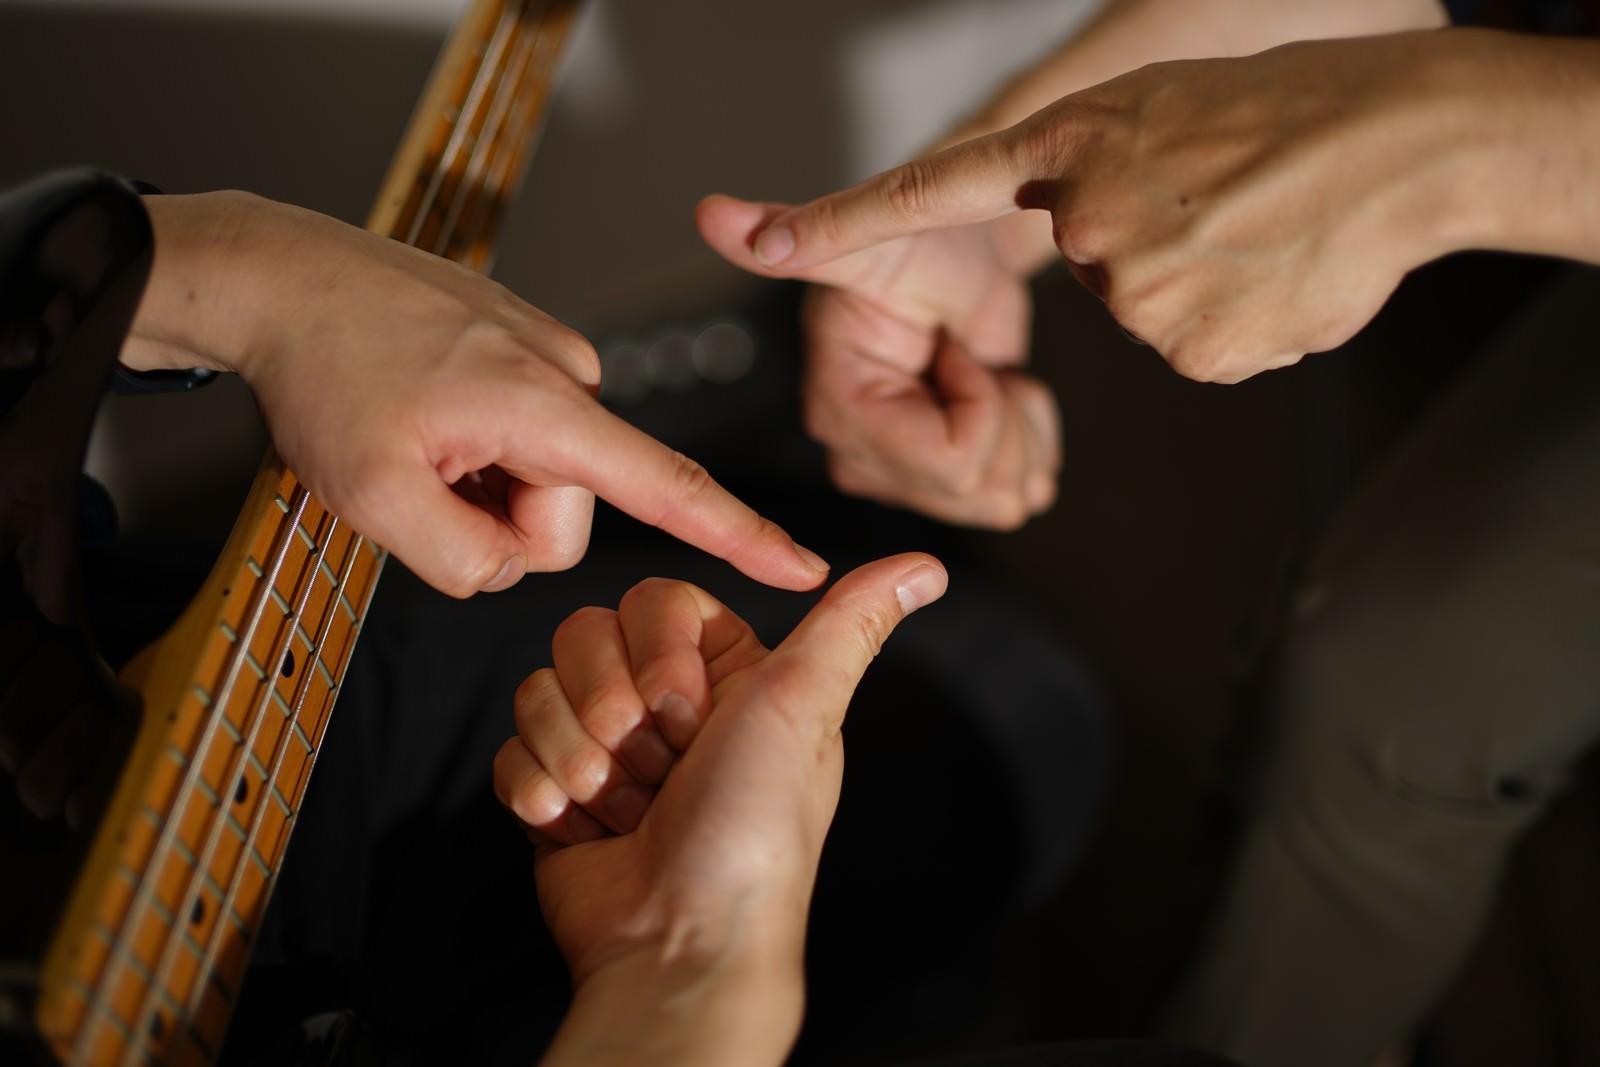 「スラップで使う親指の位置を確認中(ベーシスト)」の写真